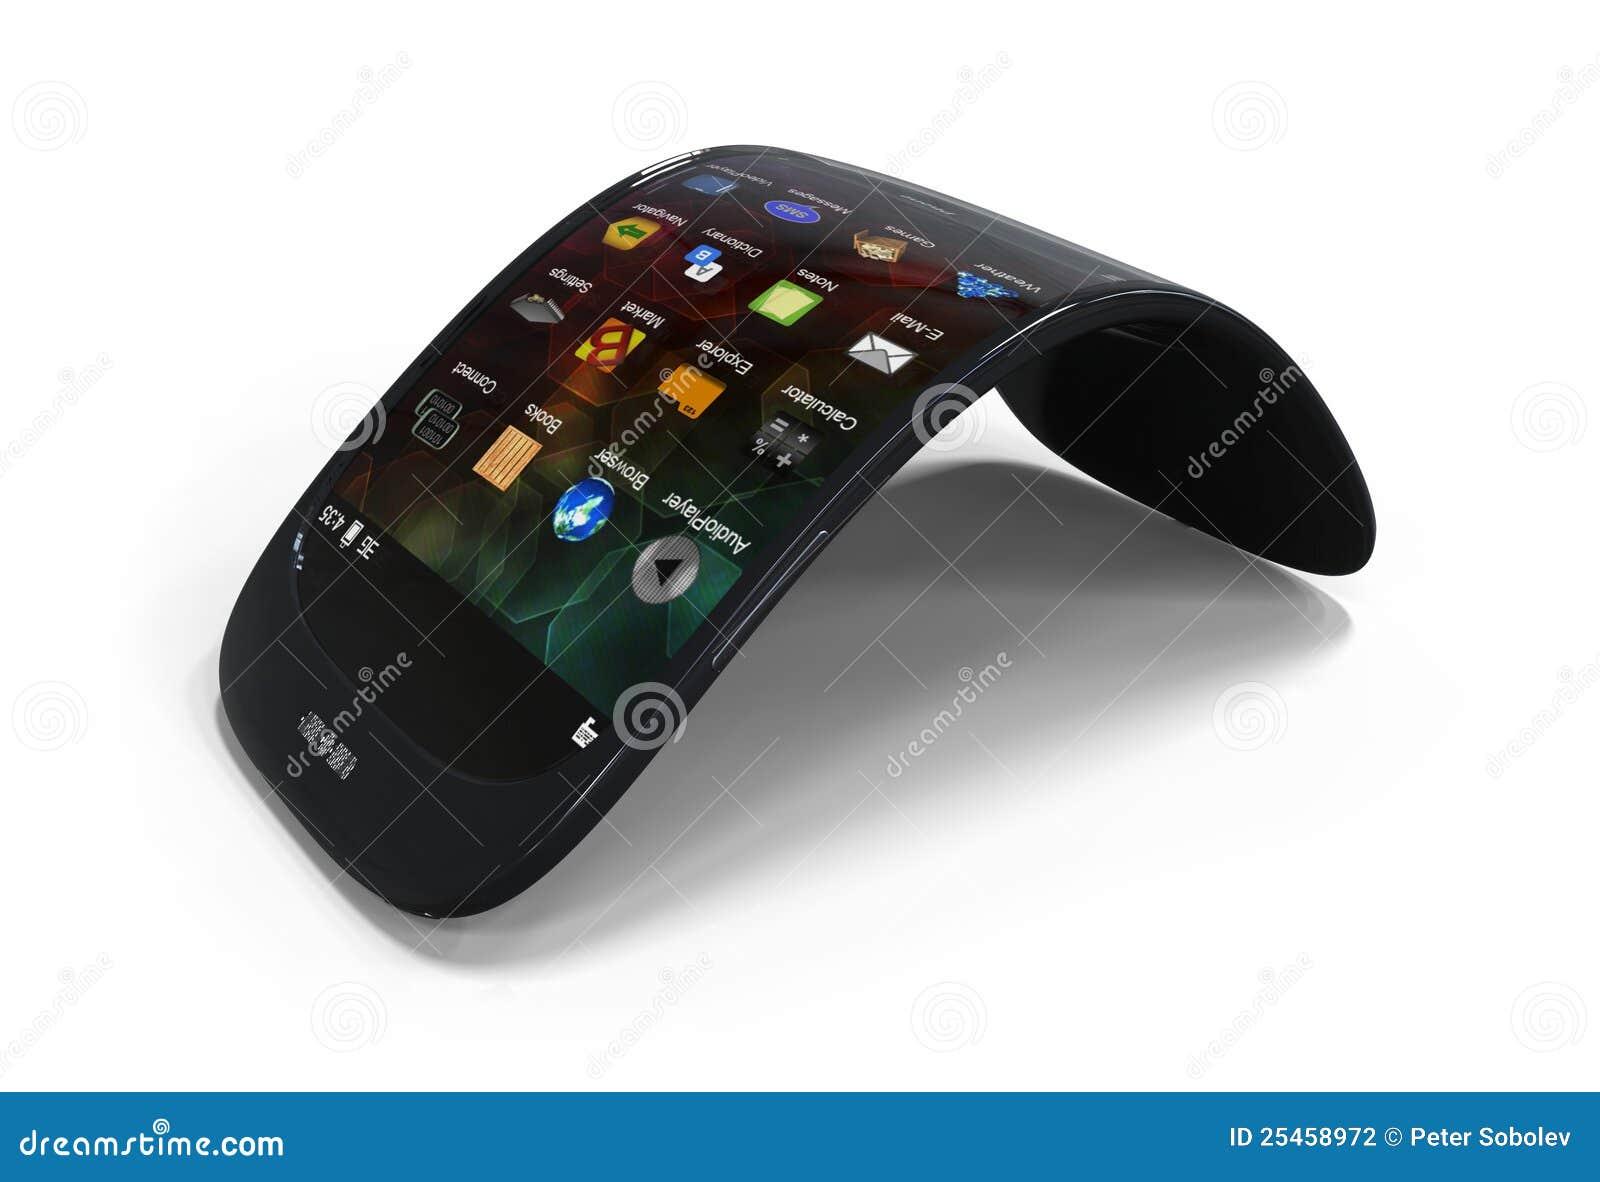 Flexible generic smartphone